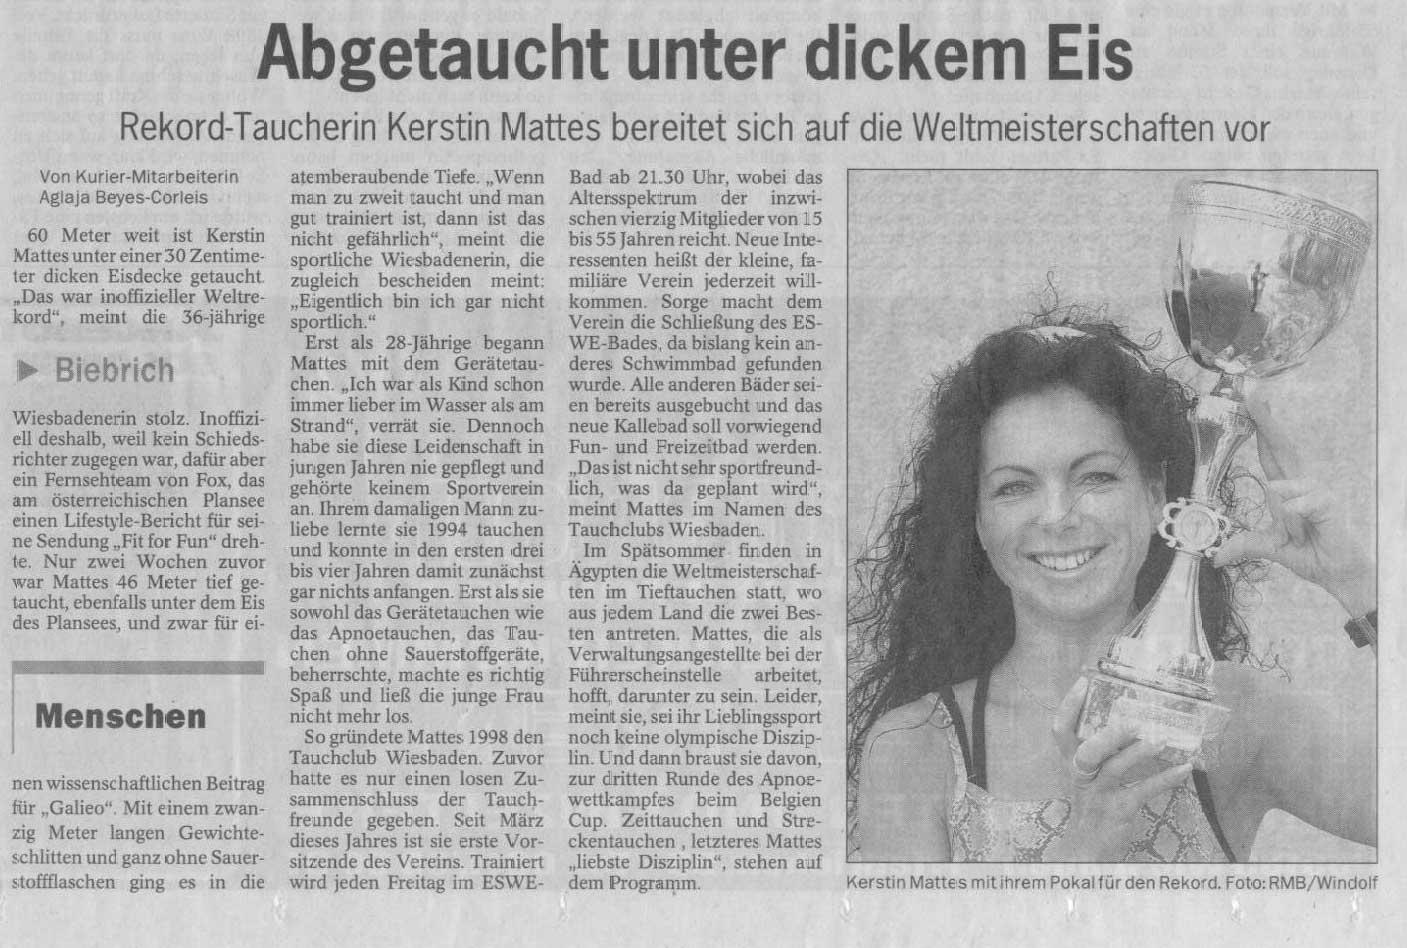 Wiesbadener Kurier 2002